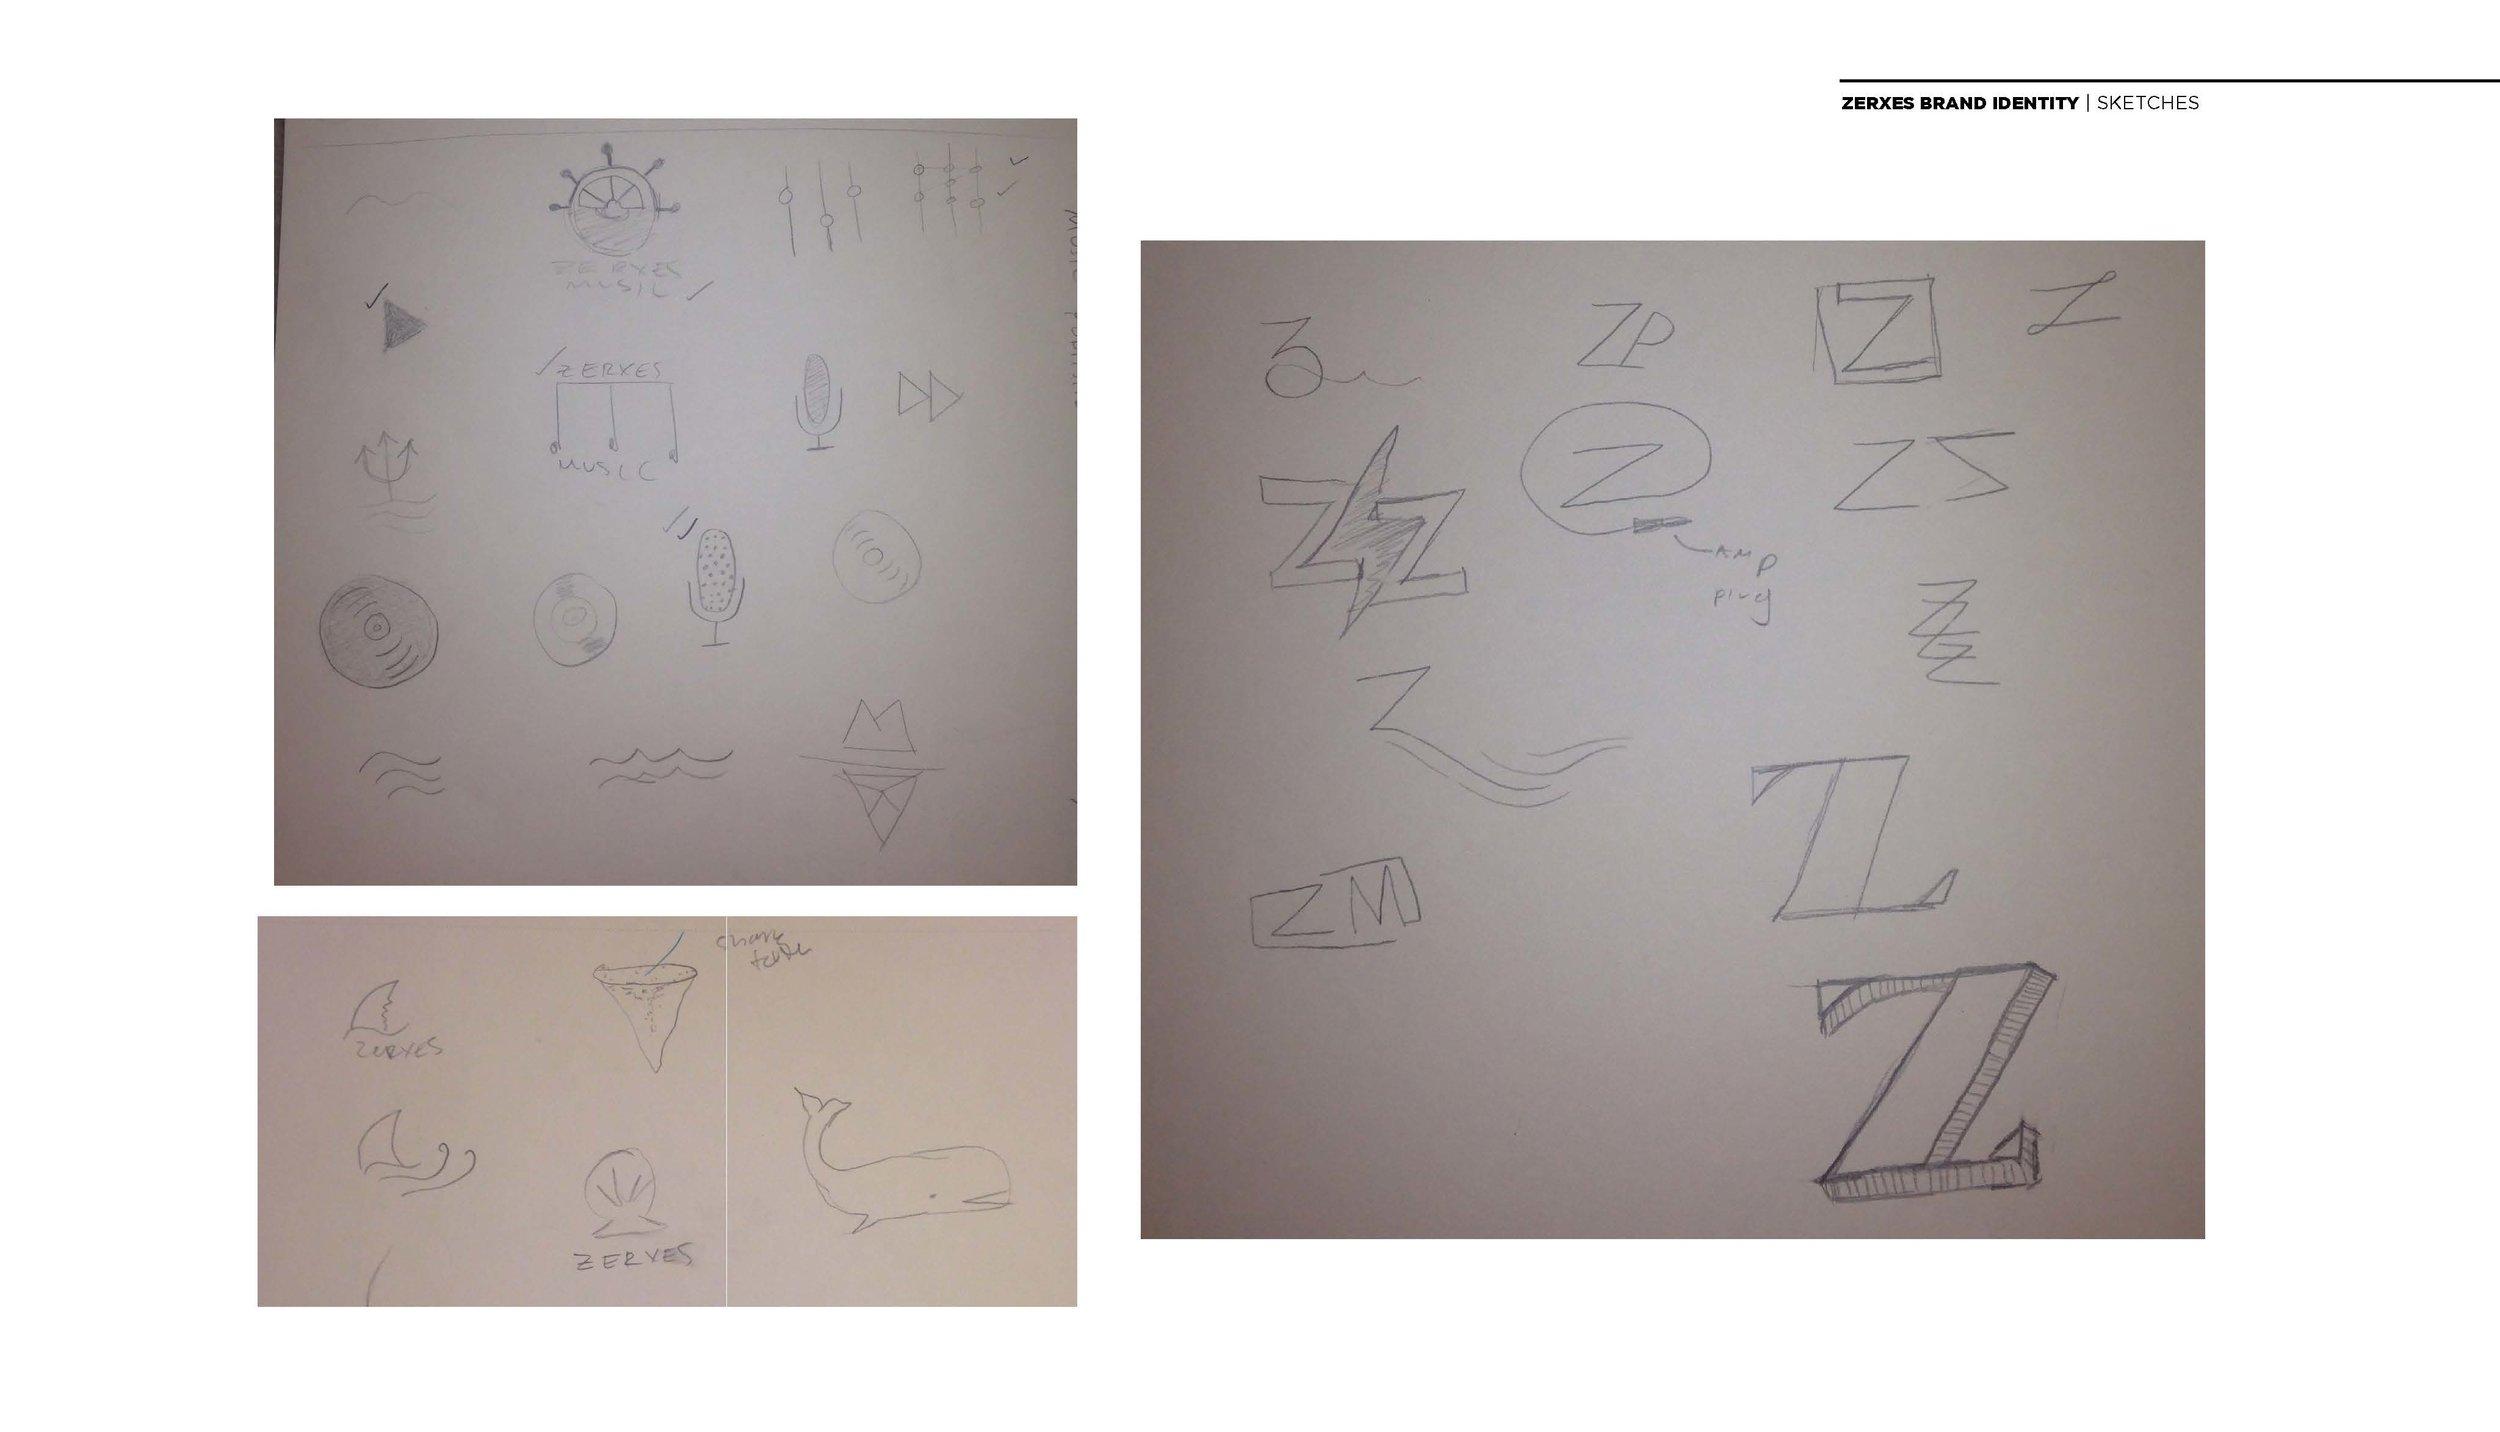 zerxes+design+process_Page_01.jpg